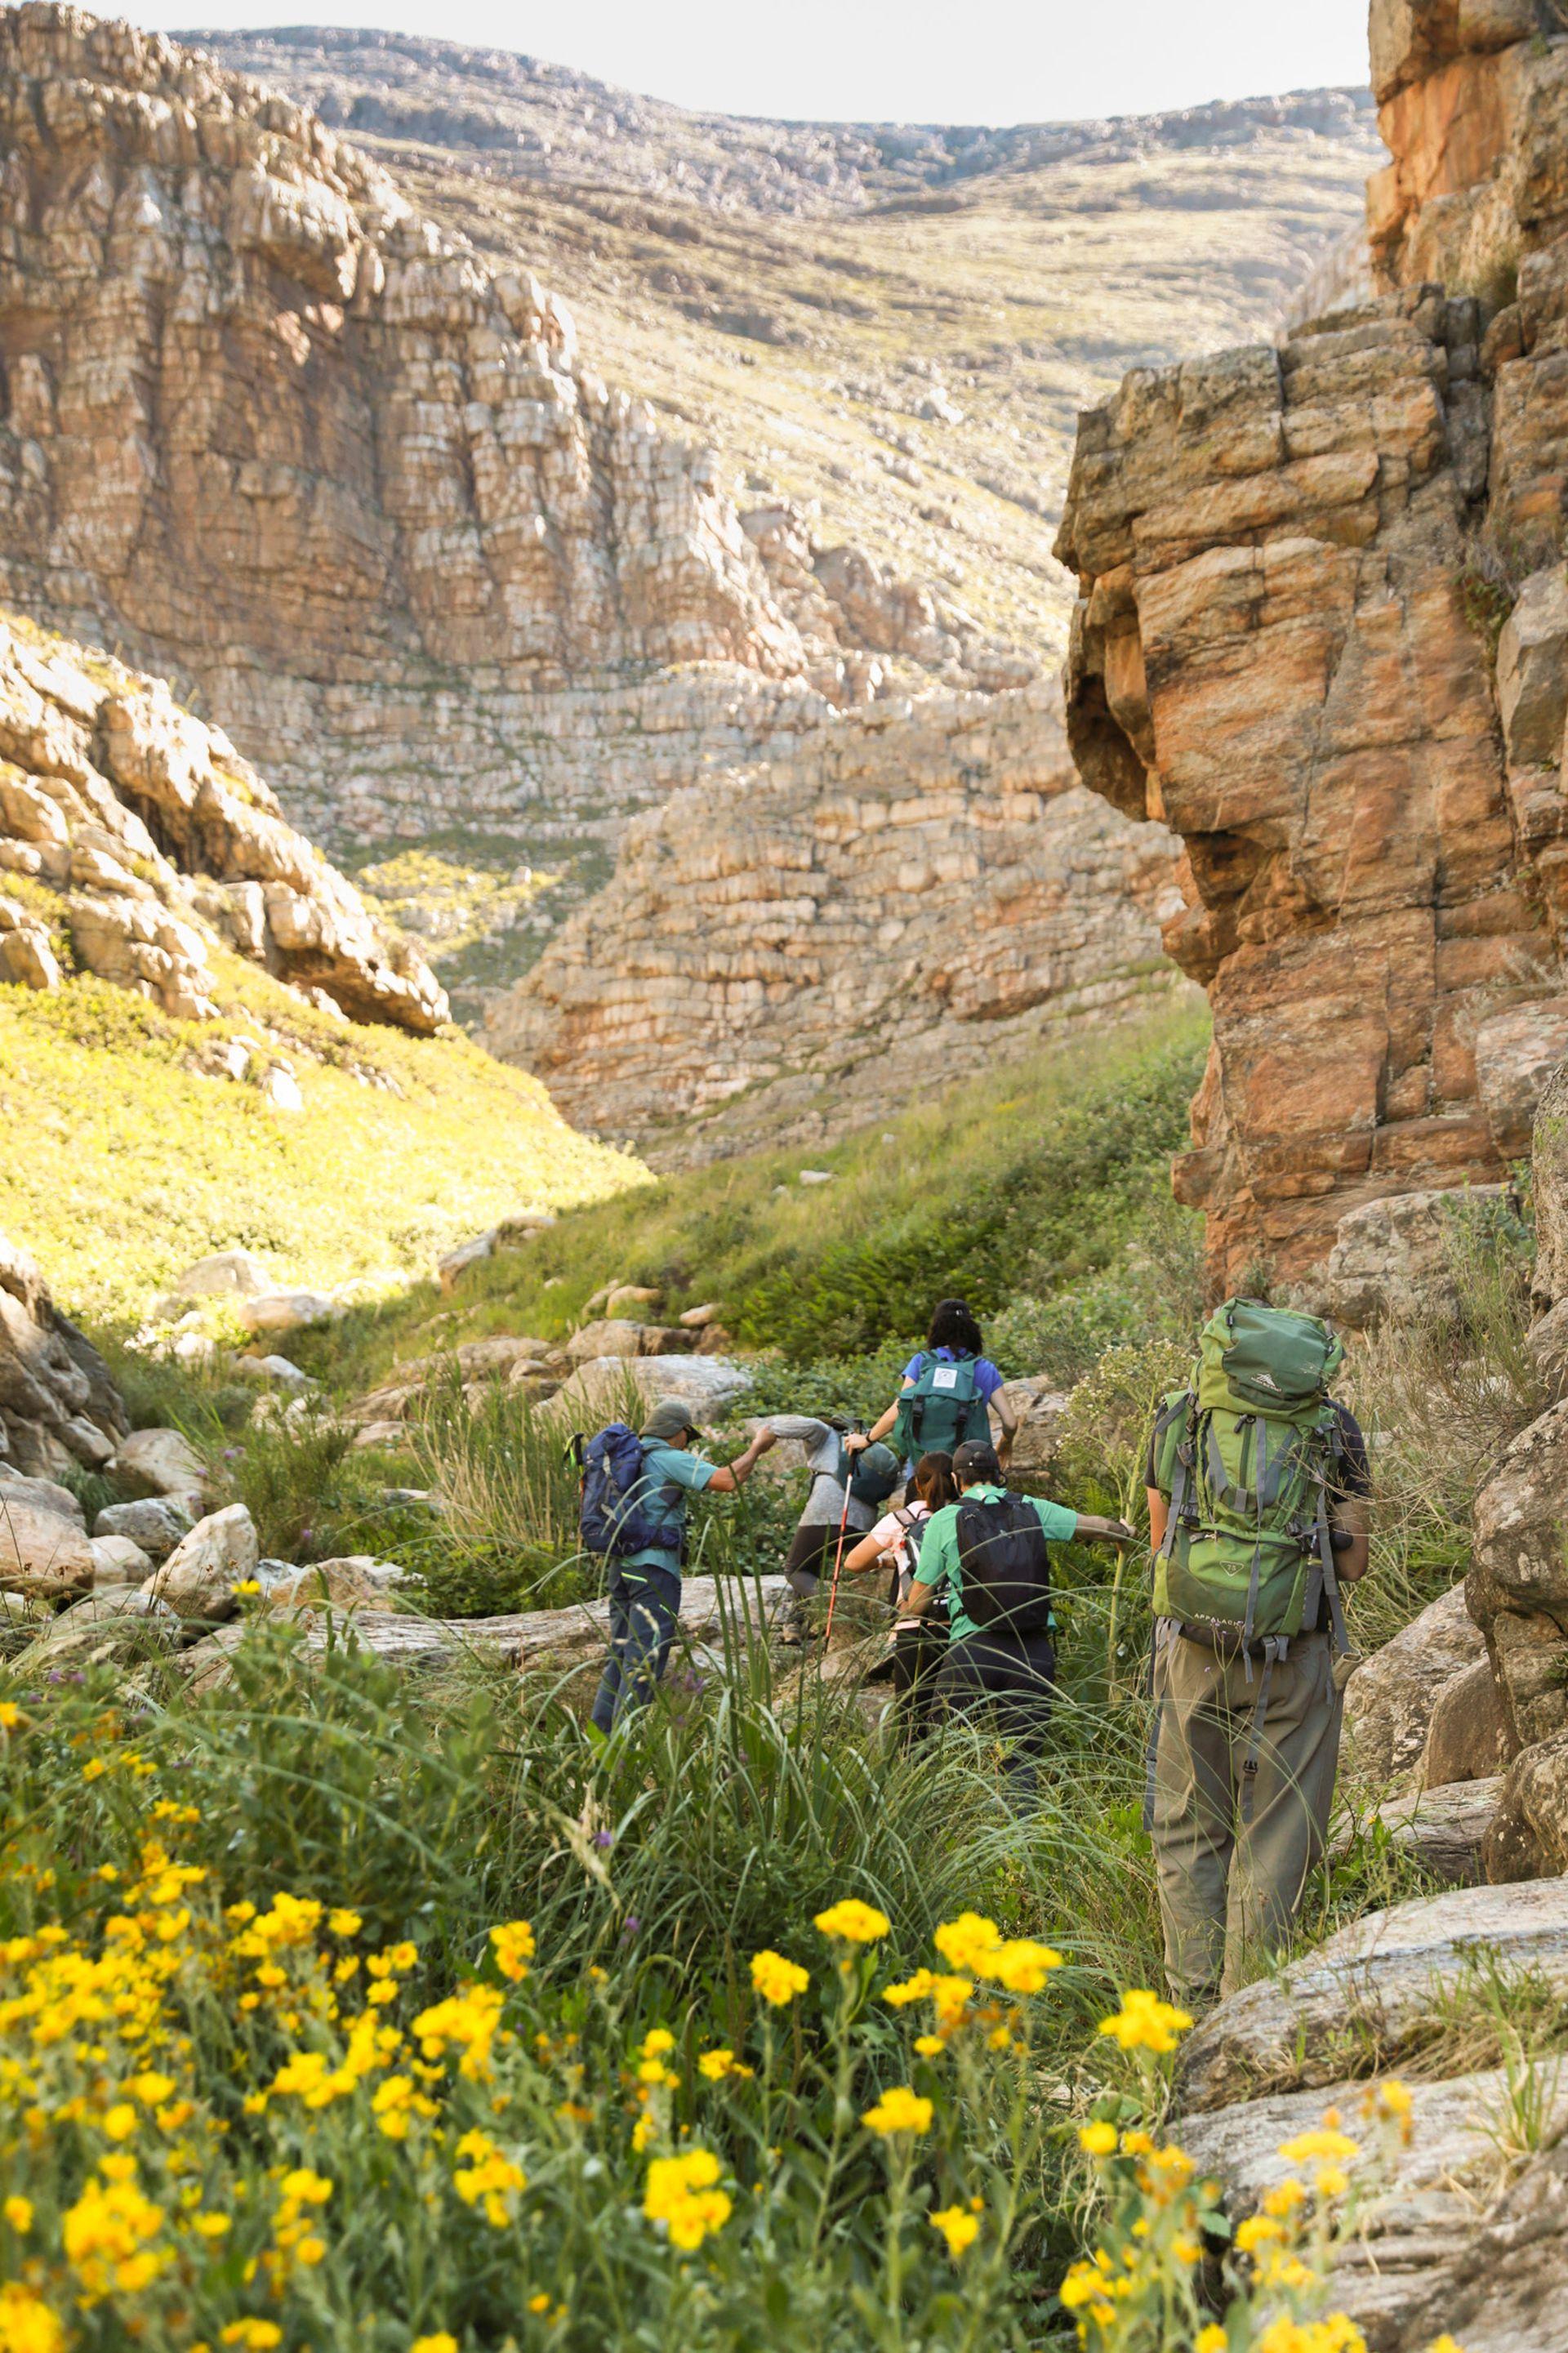 Mano a mano con la naturaleza en el trekking hacia las Paredes Rosas, en la reserva Sierras Grandes.